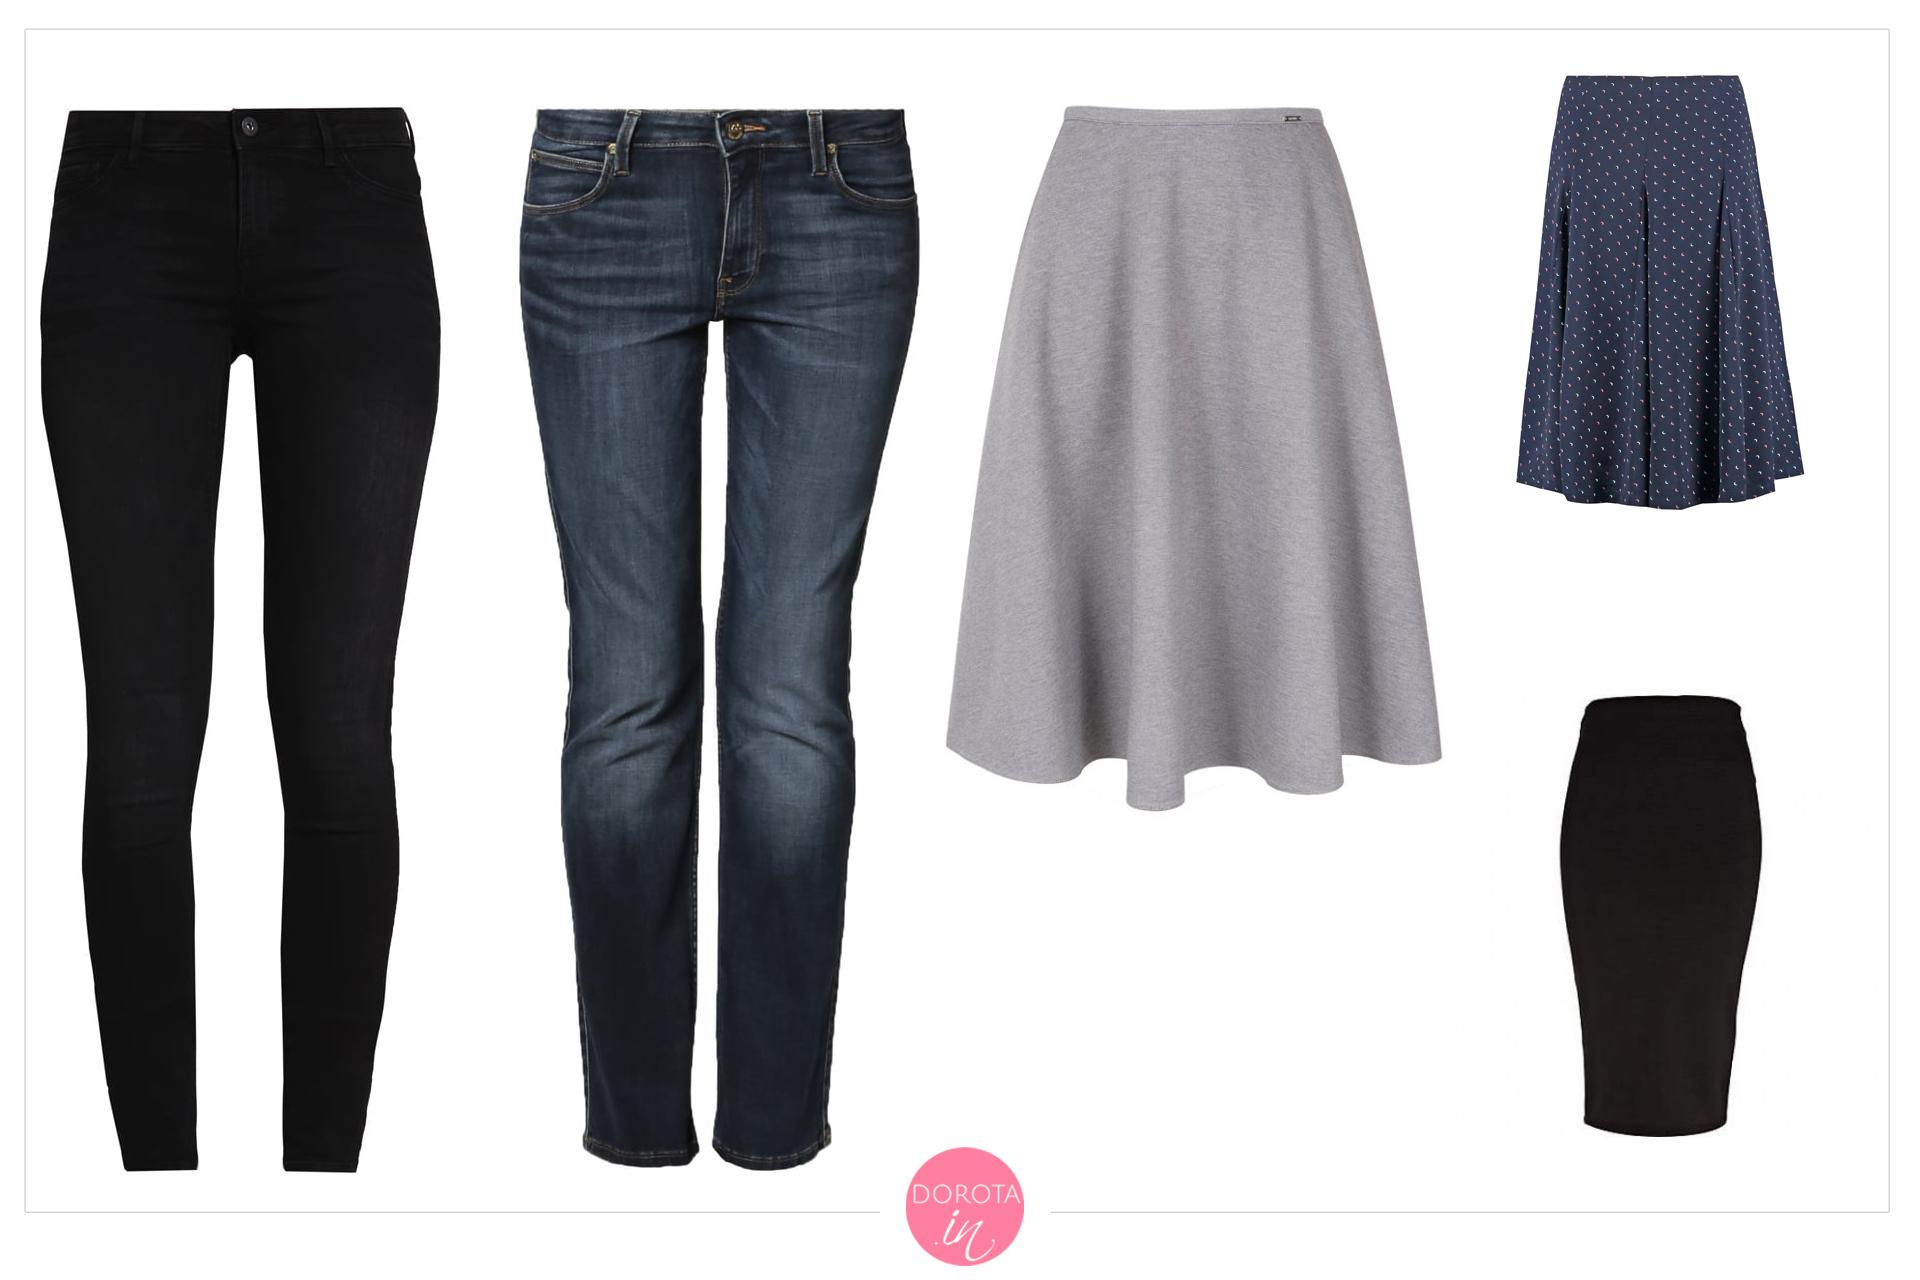 Spodnie i spódnice na jesień